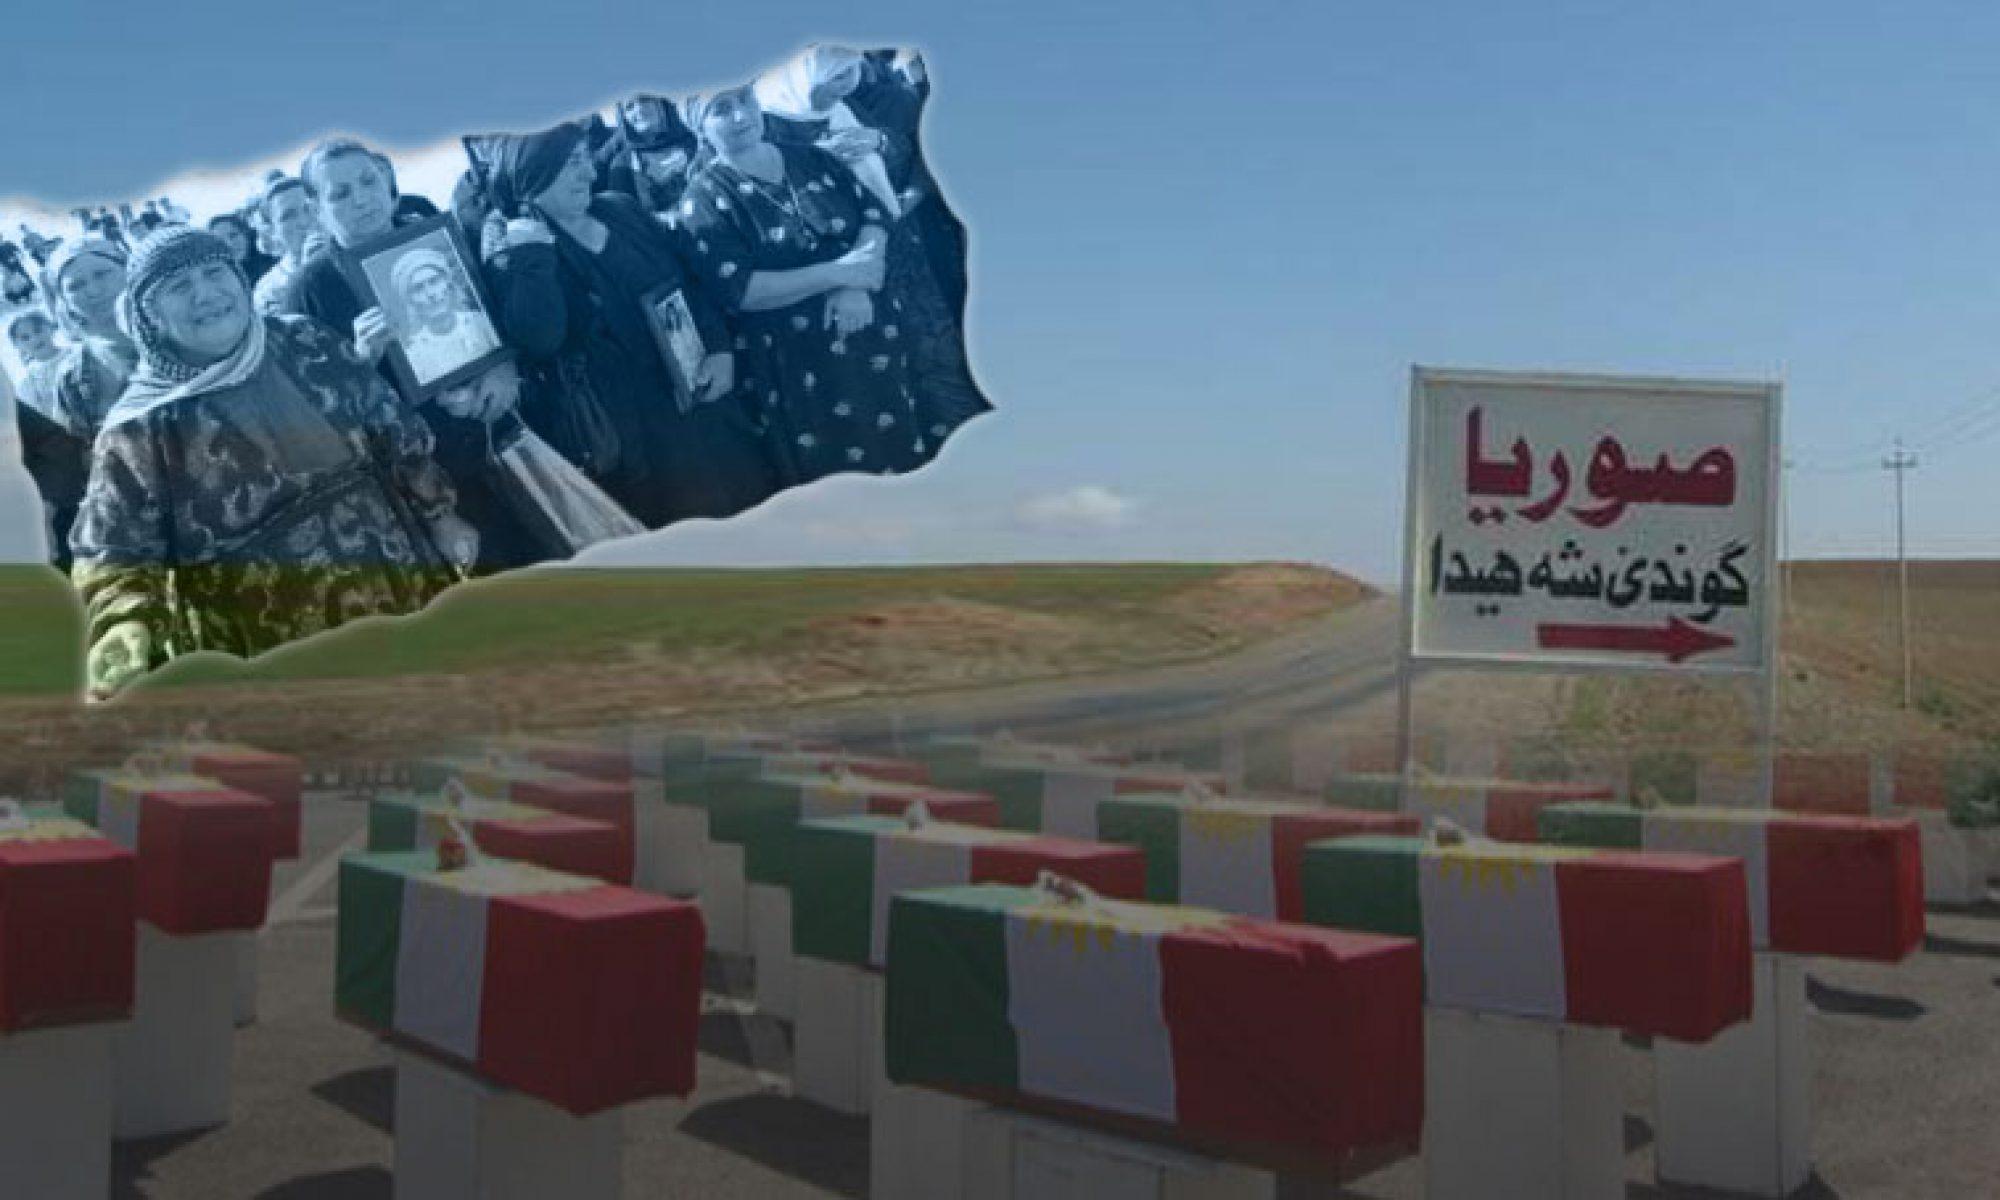 Surya Köyü katliamı üzerinden 51 yıl geçti Baas, Saddam Hüseyin, Kildani, Kürdistan Bölgesel Yönetimi, Barzani ve Hristiyanlar